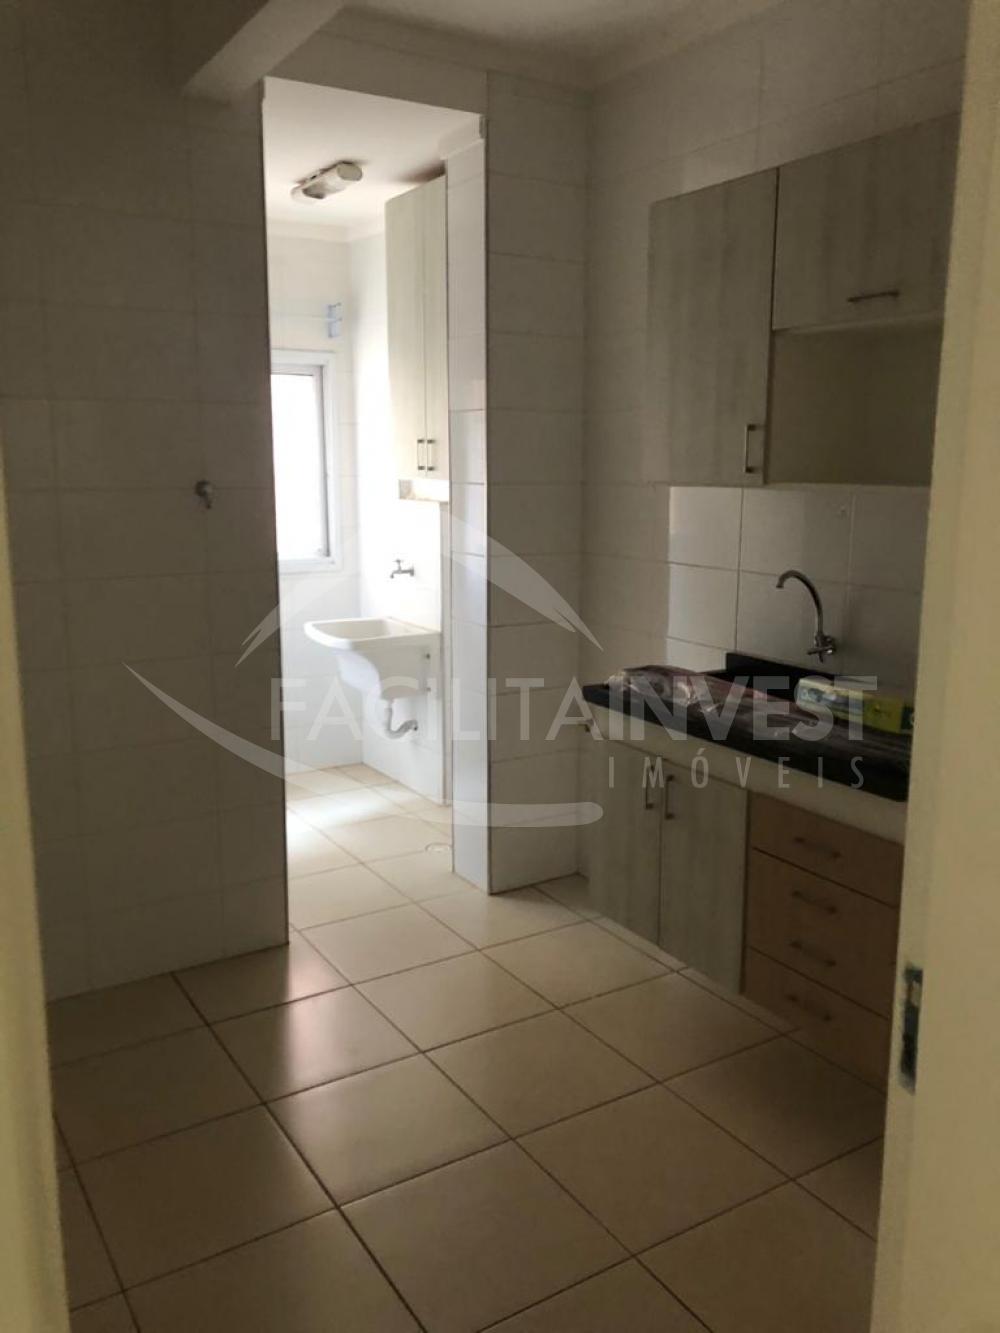 Comprar Apartamentos / Apart. Padrão em Ribeirão Preto apenas R$ 298.000,00 - Foto 3